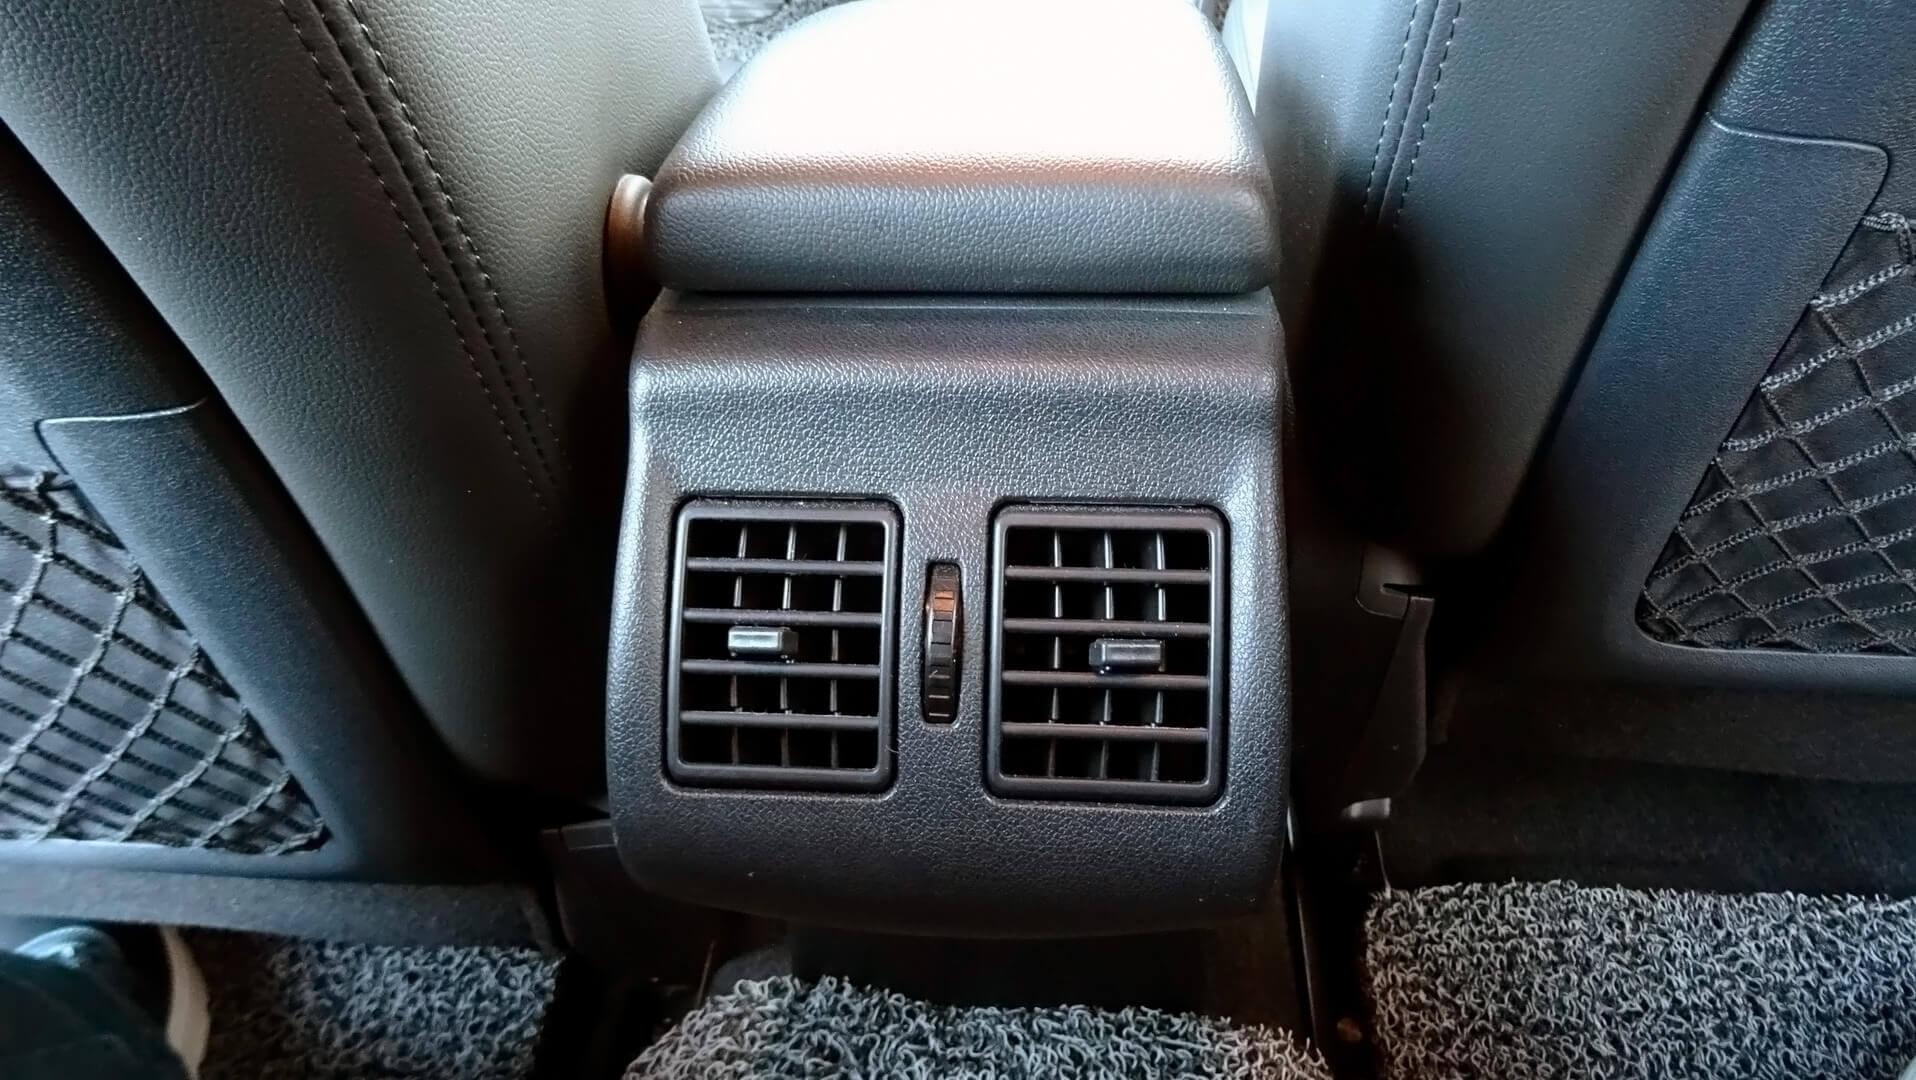 Пассажиры второго ряда сидений имеют возможность установить свою температуру для комфорта